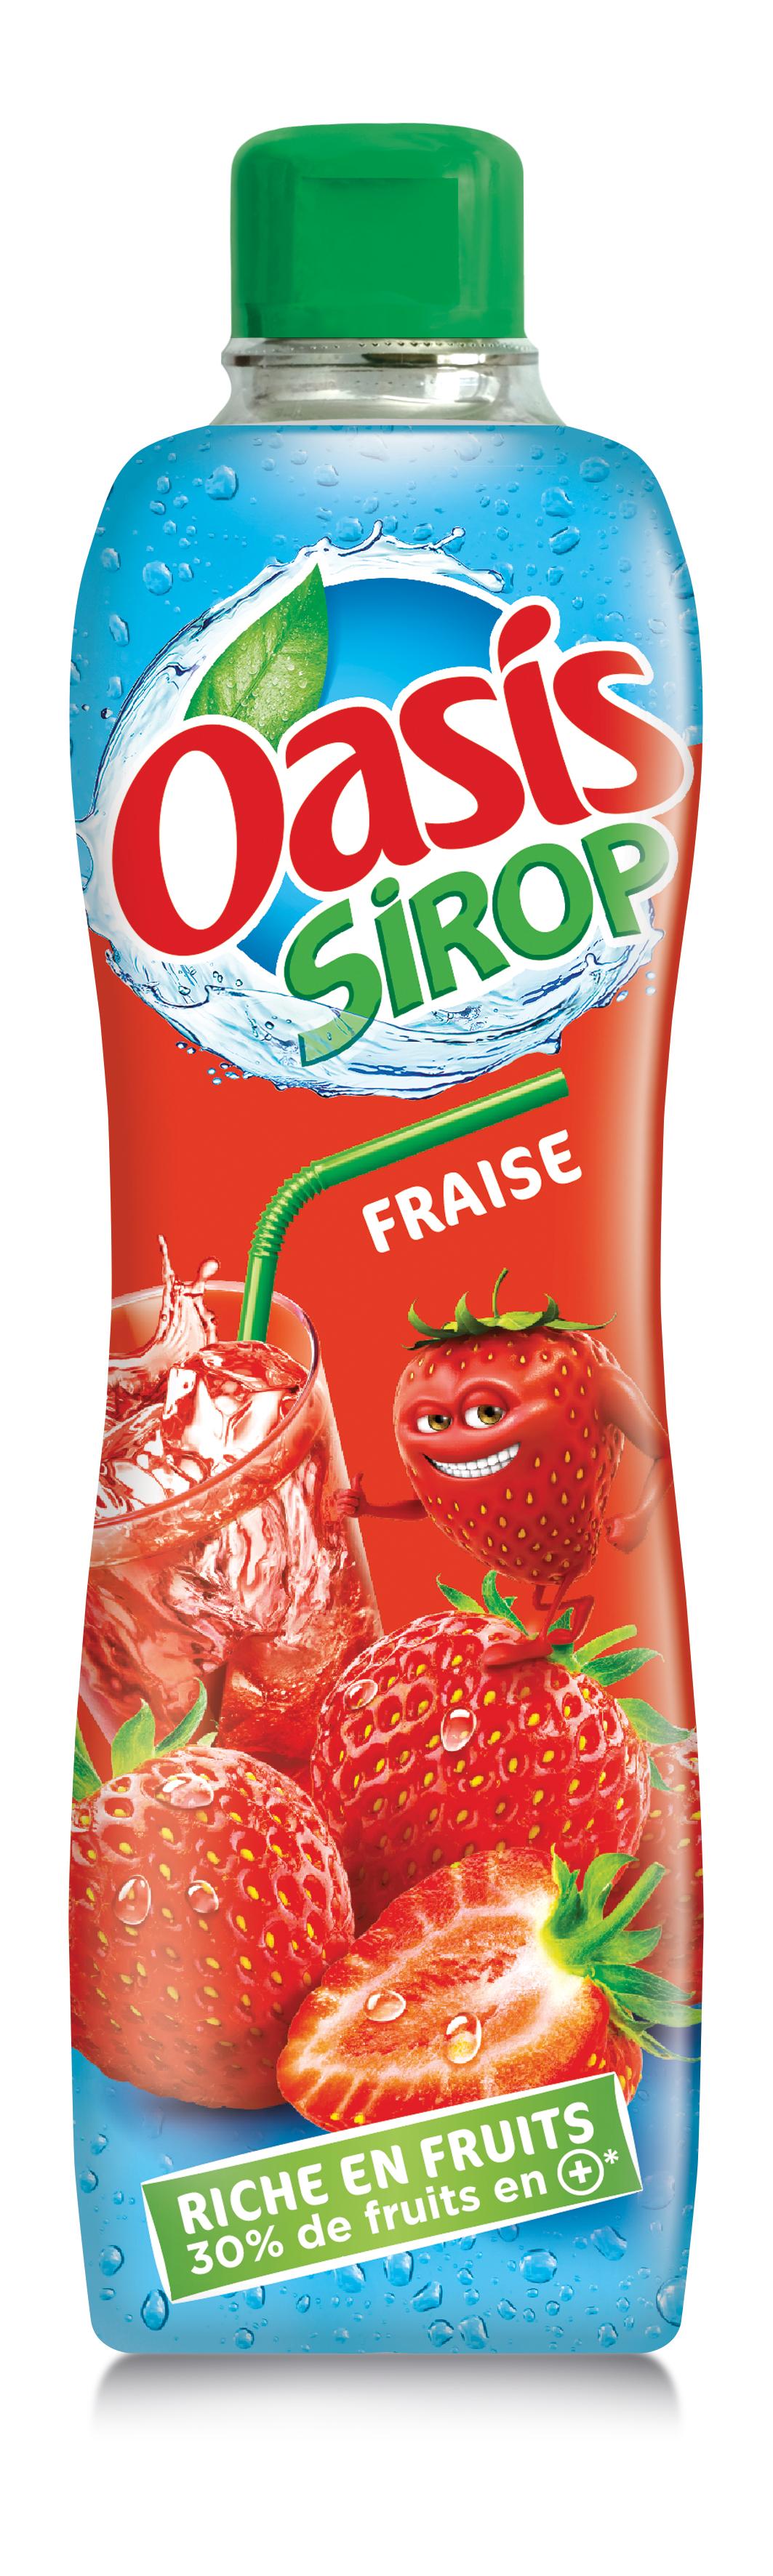 Fraise - Oasis lance sa première gamme de sirops